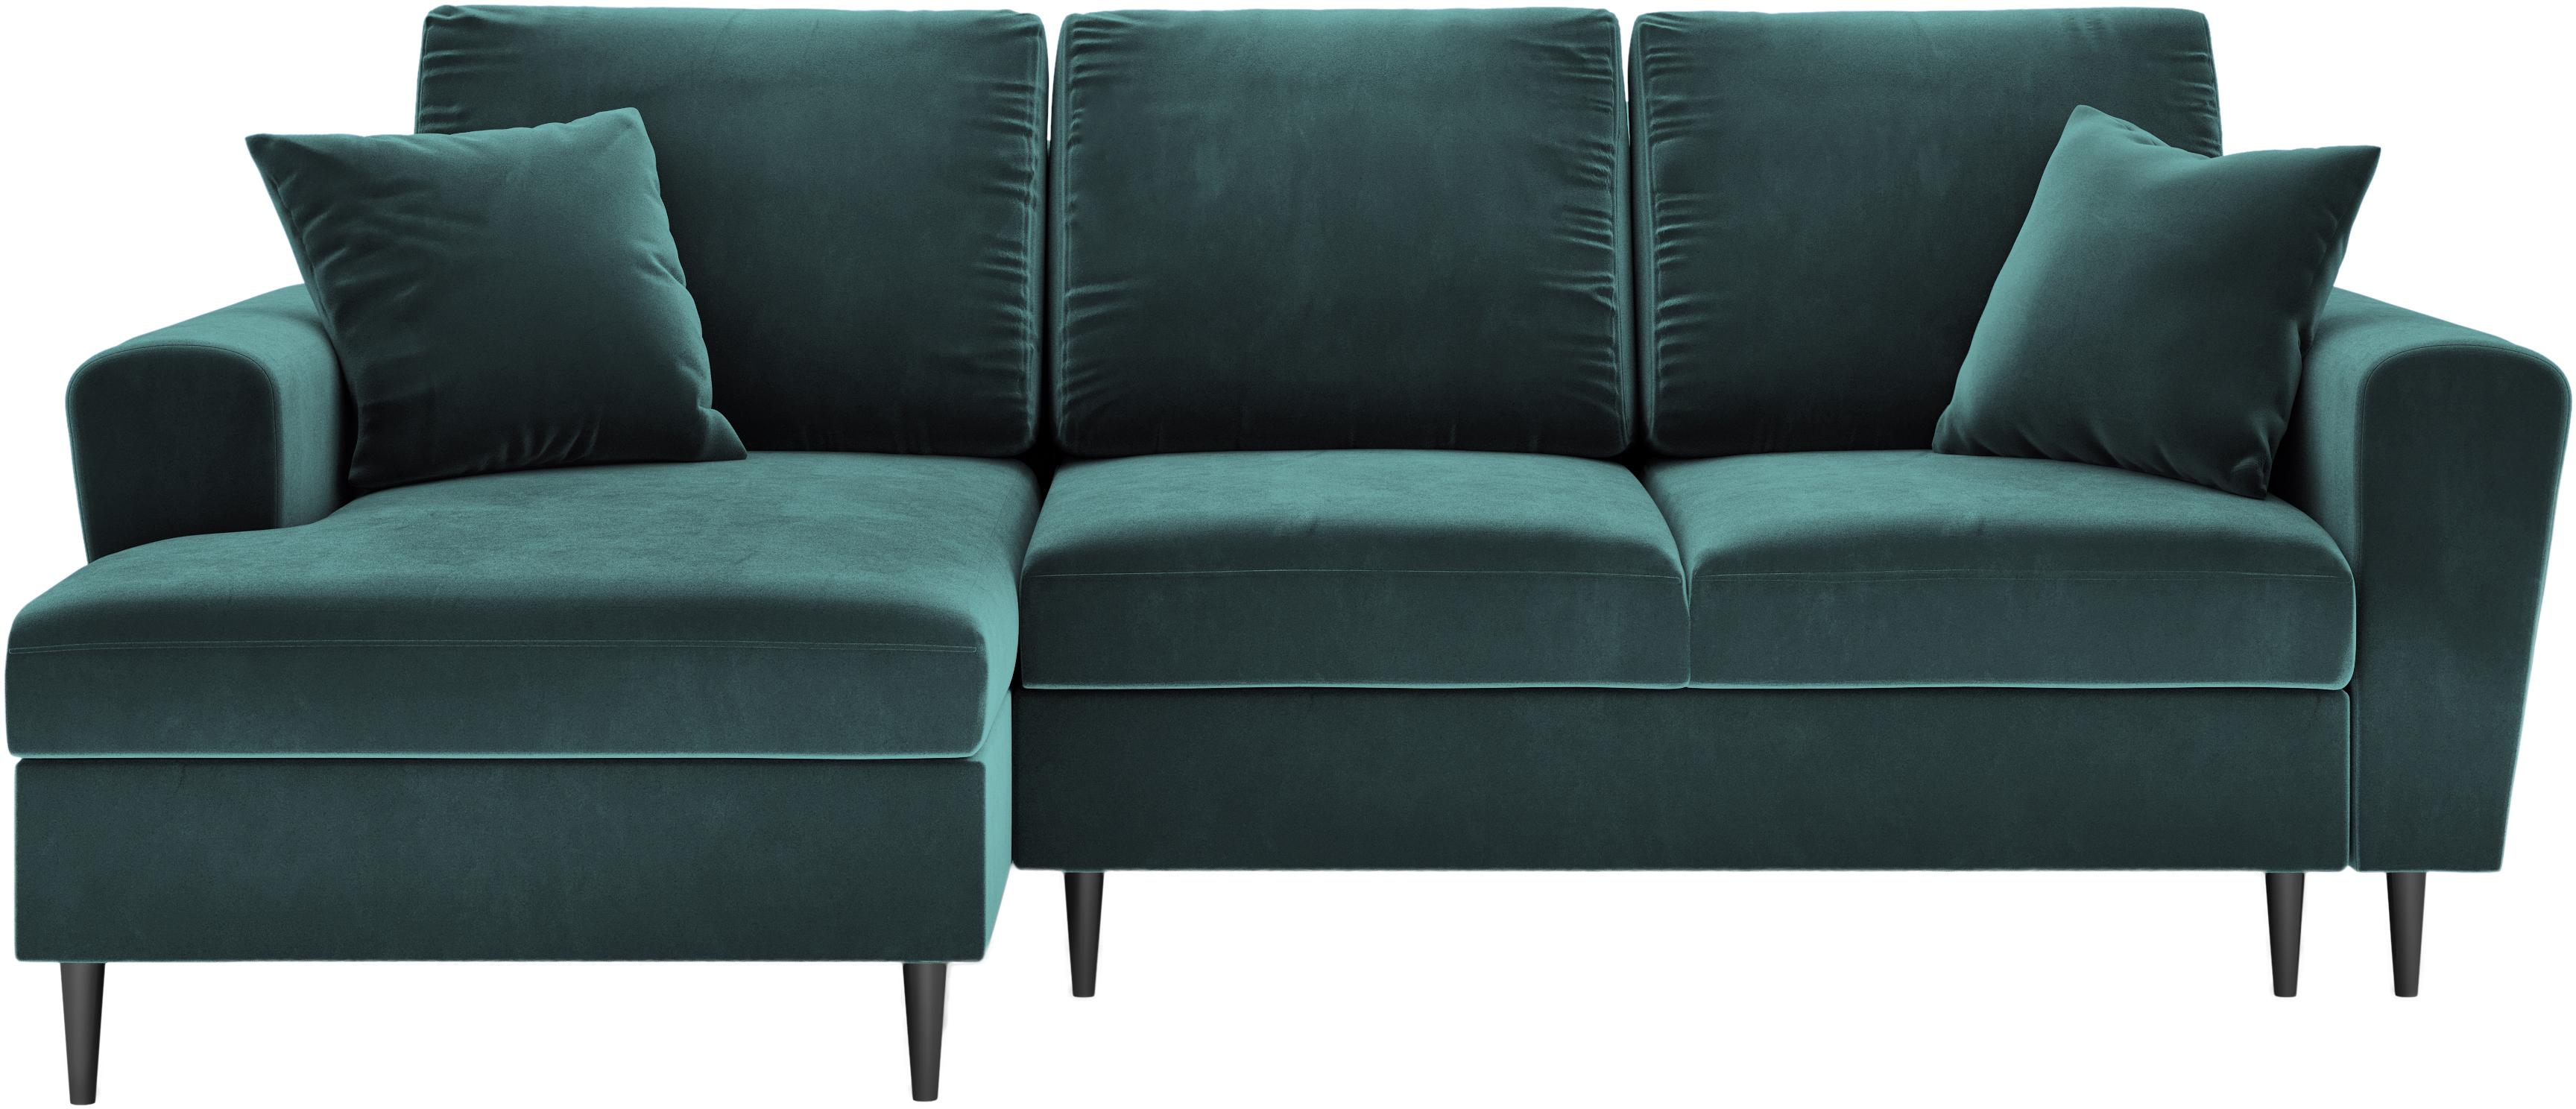 Sofa narożna z funkcją spania z miejscem do przechowywania Moghan (4-osobowa), Tapicerka: aksamit poliestrowy Dzięk, Stelaż: lite drewno sosnowe, skle, Nogi: metal lakierowany, Szarozielony, S 236 x G 145 cm  (lewostronna)